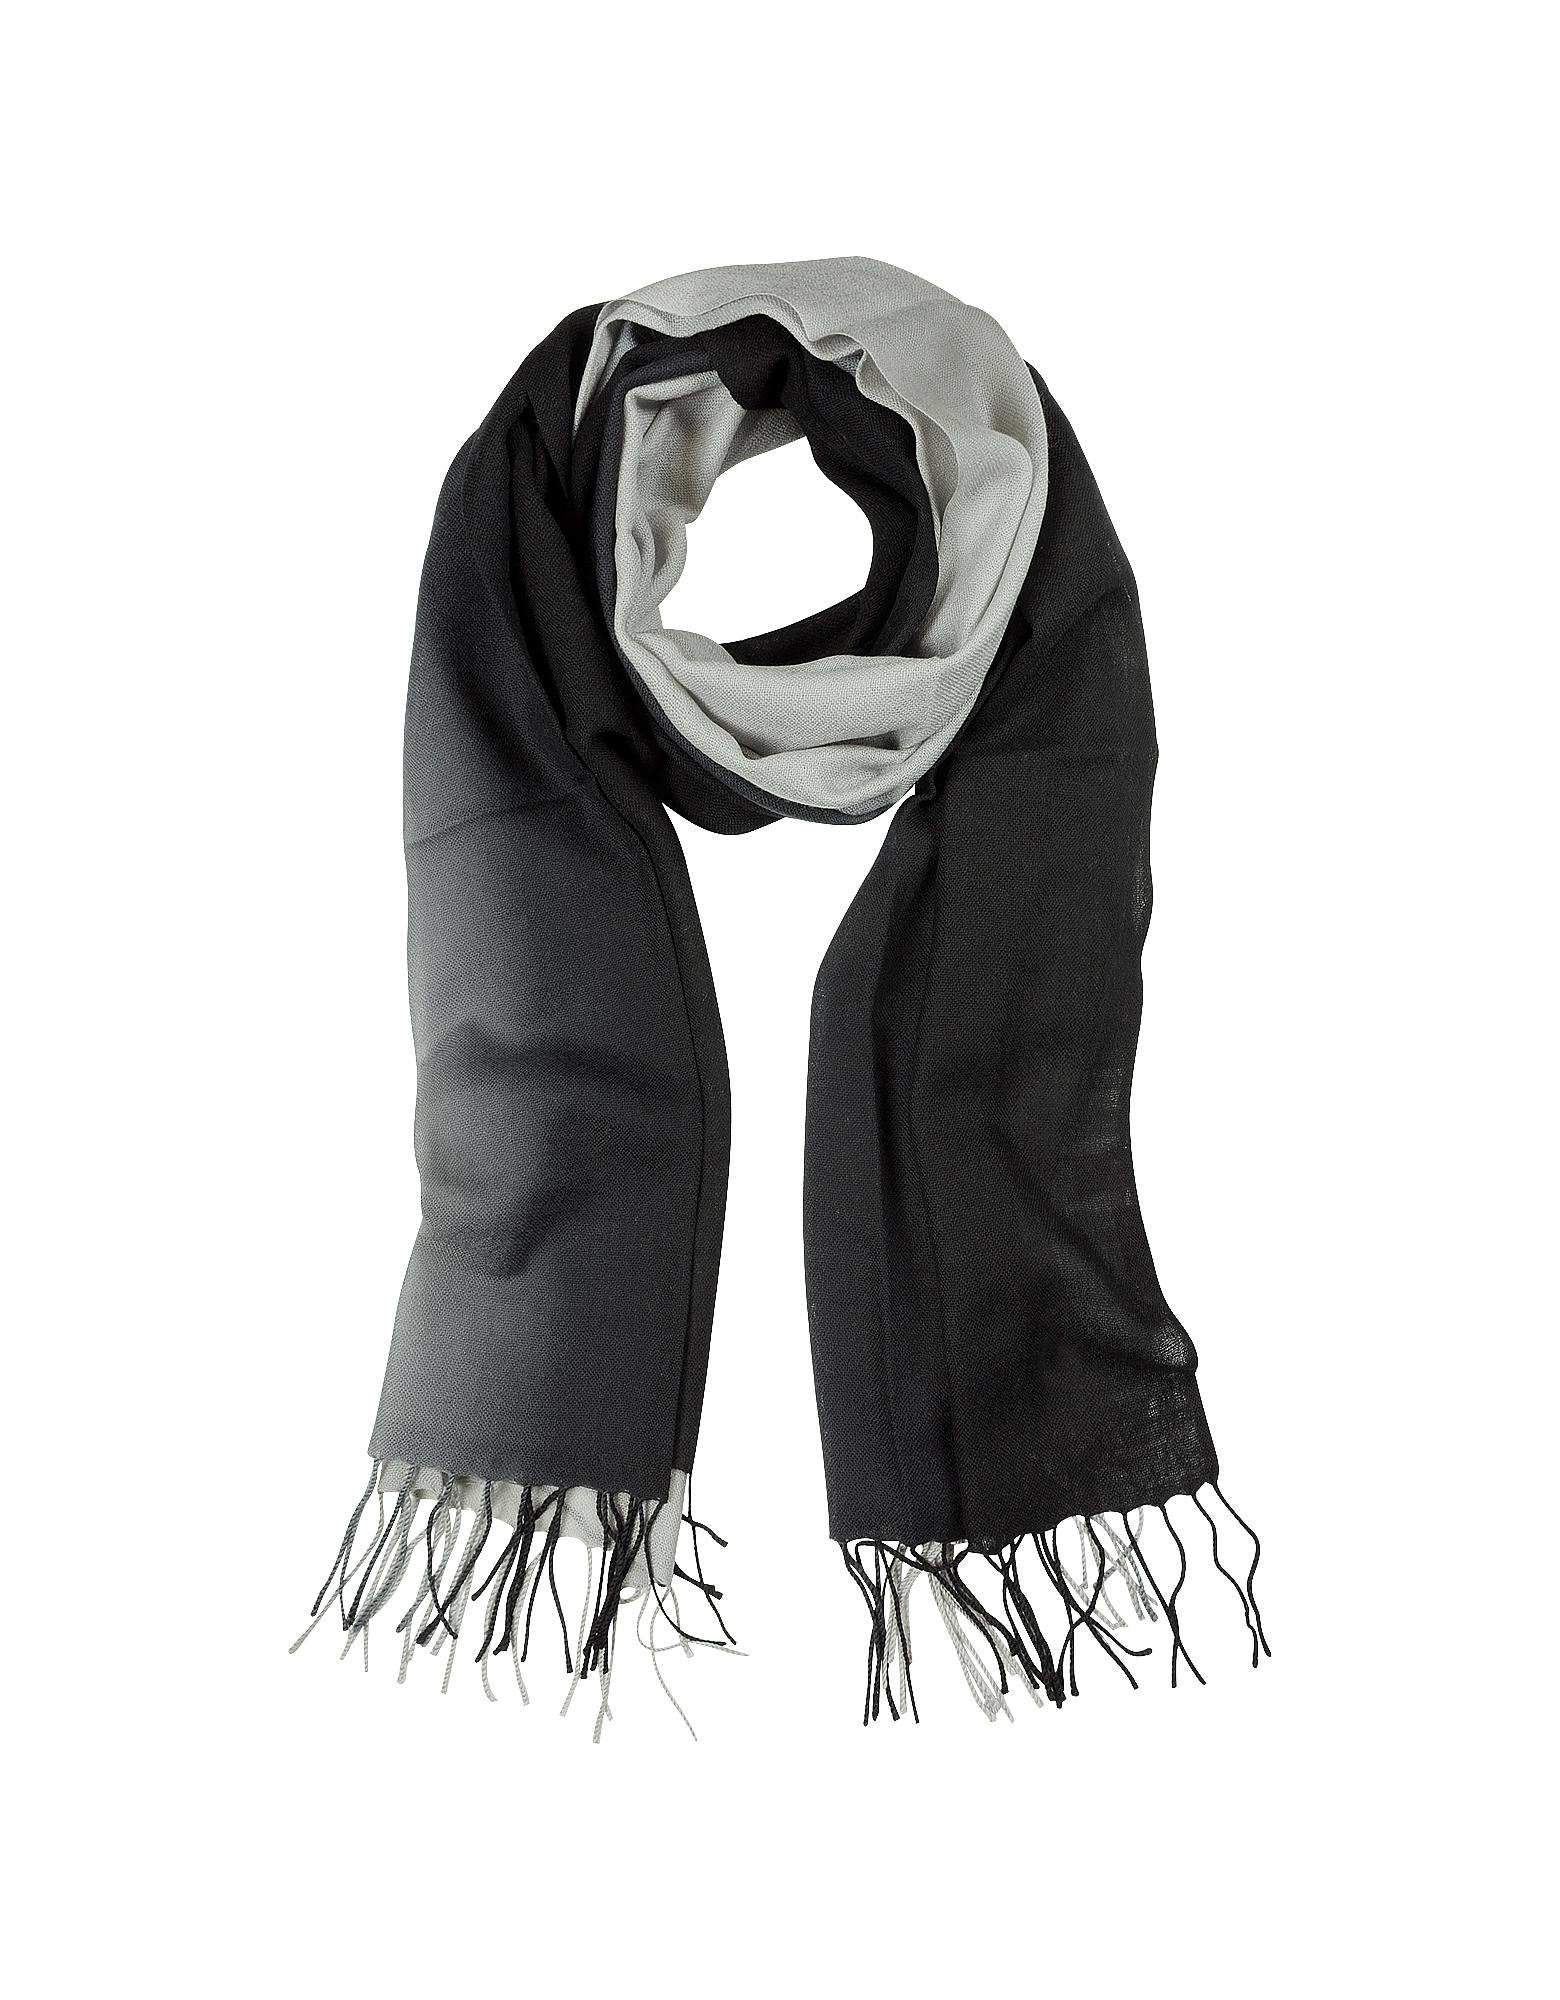 Градиентный Черно-Серый Палантин из Шерсти и Кашемира